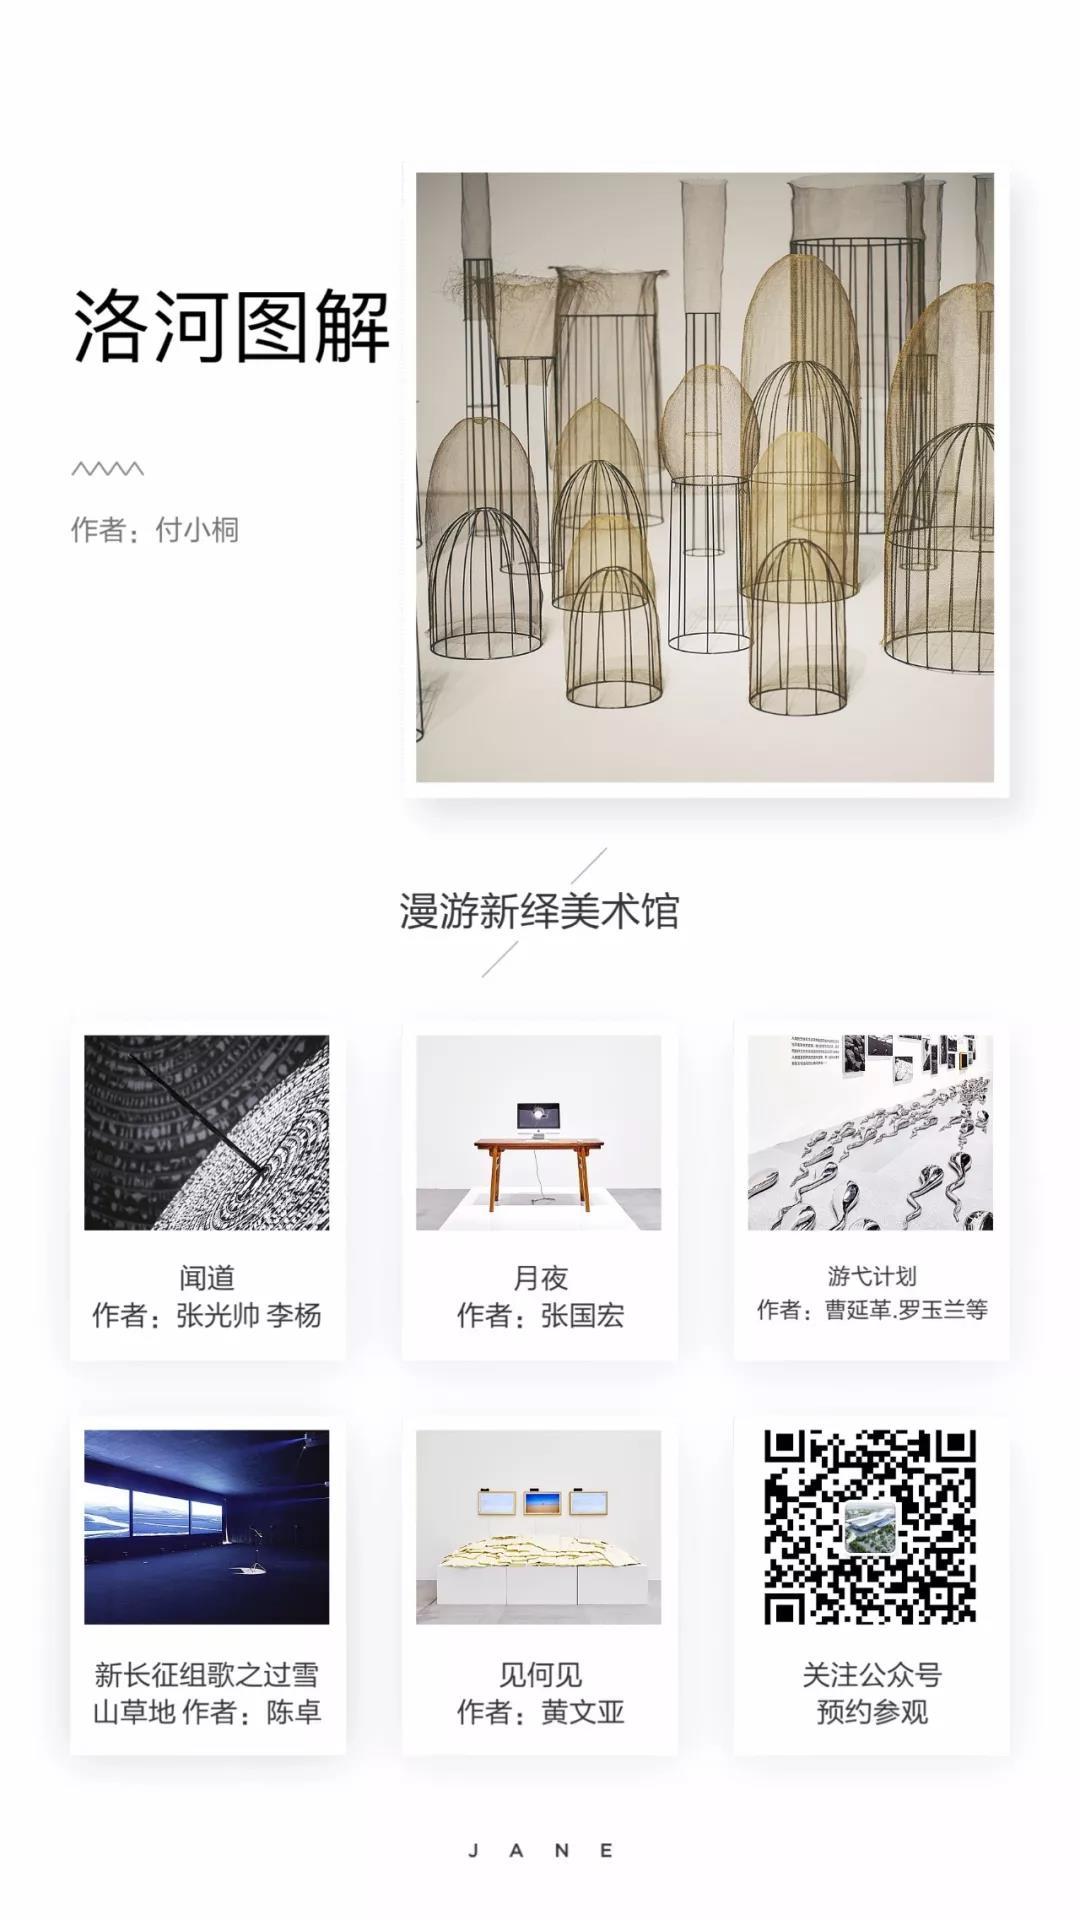 meishubao/2019101412212018611.jpg